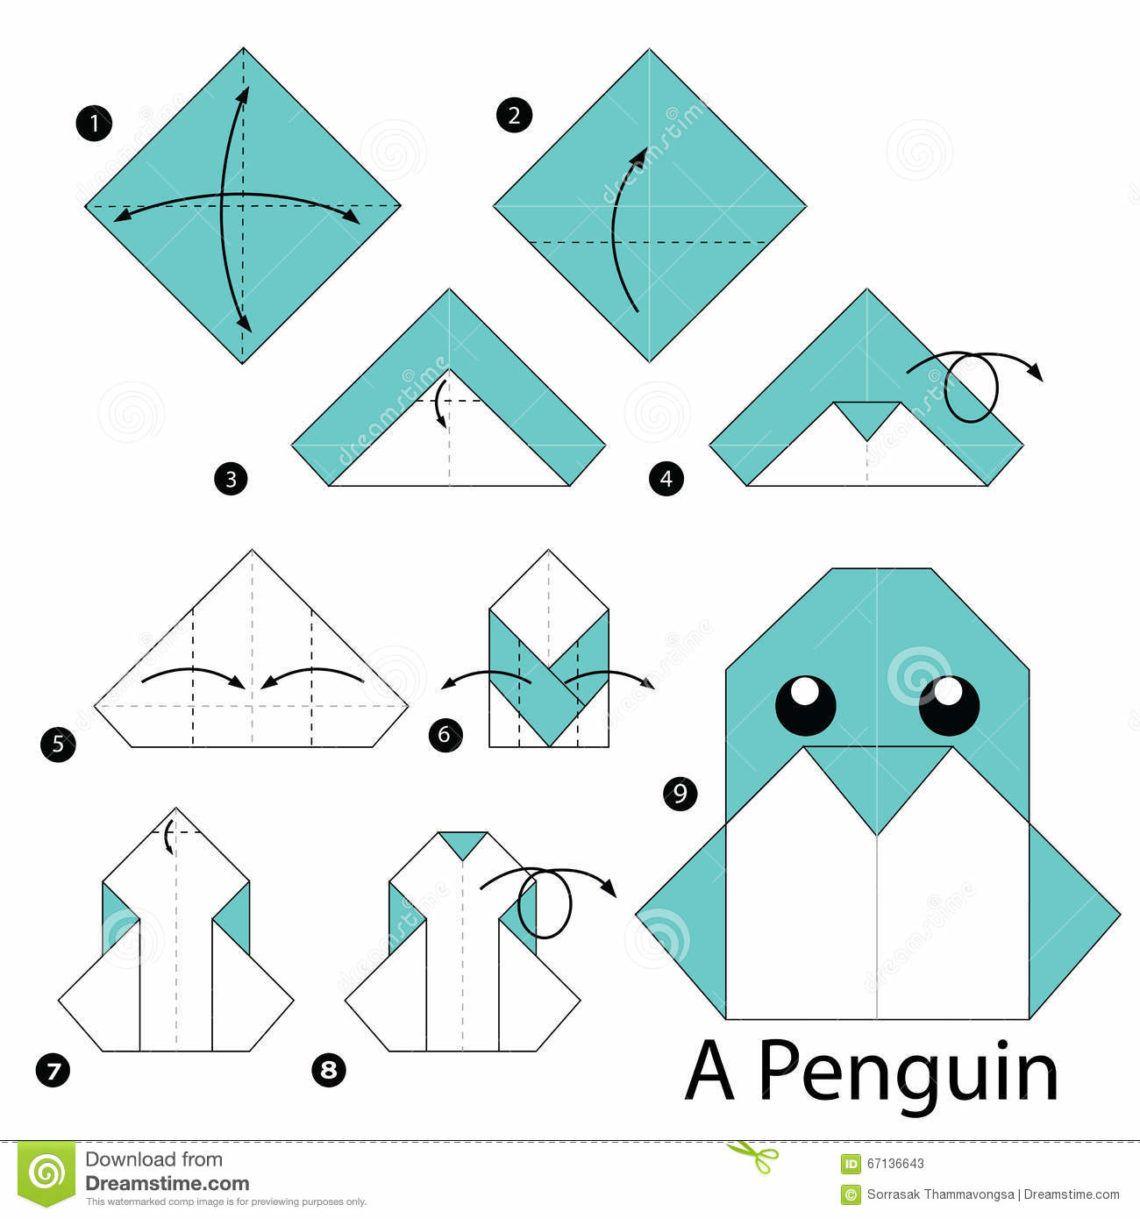 Papercraft Pokémon Origami Crafts - How to Fold Origami Pikachu ... | 1219x1140